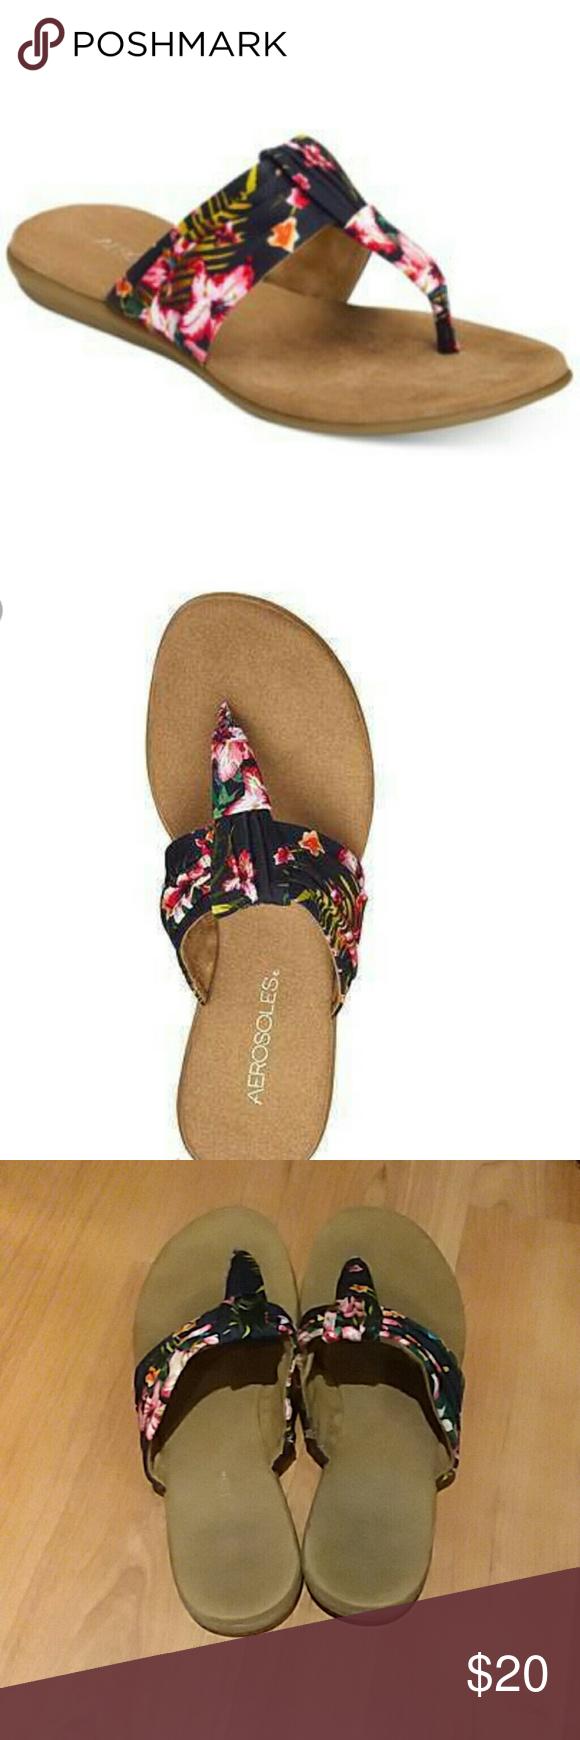 ec033ad943589a Aerosoles Floral Thong Sandals Aerosoles Floral Thong Sandals size 9. It s  a bit worn out